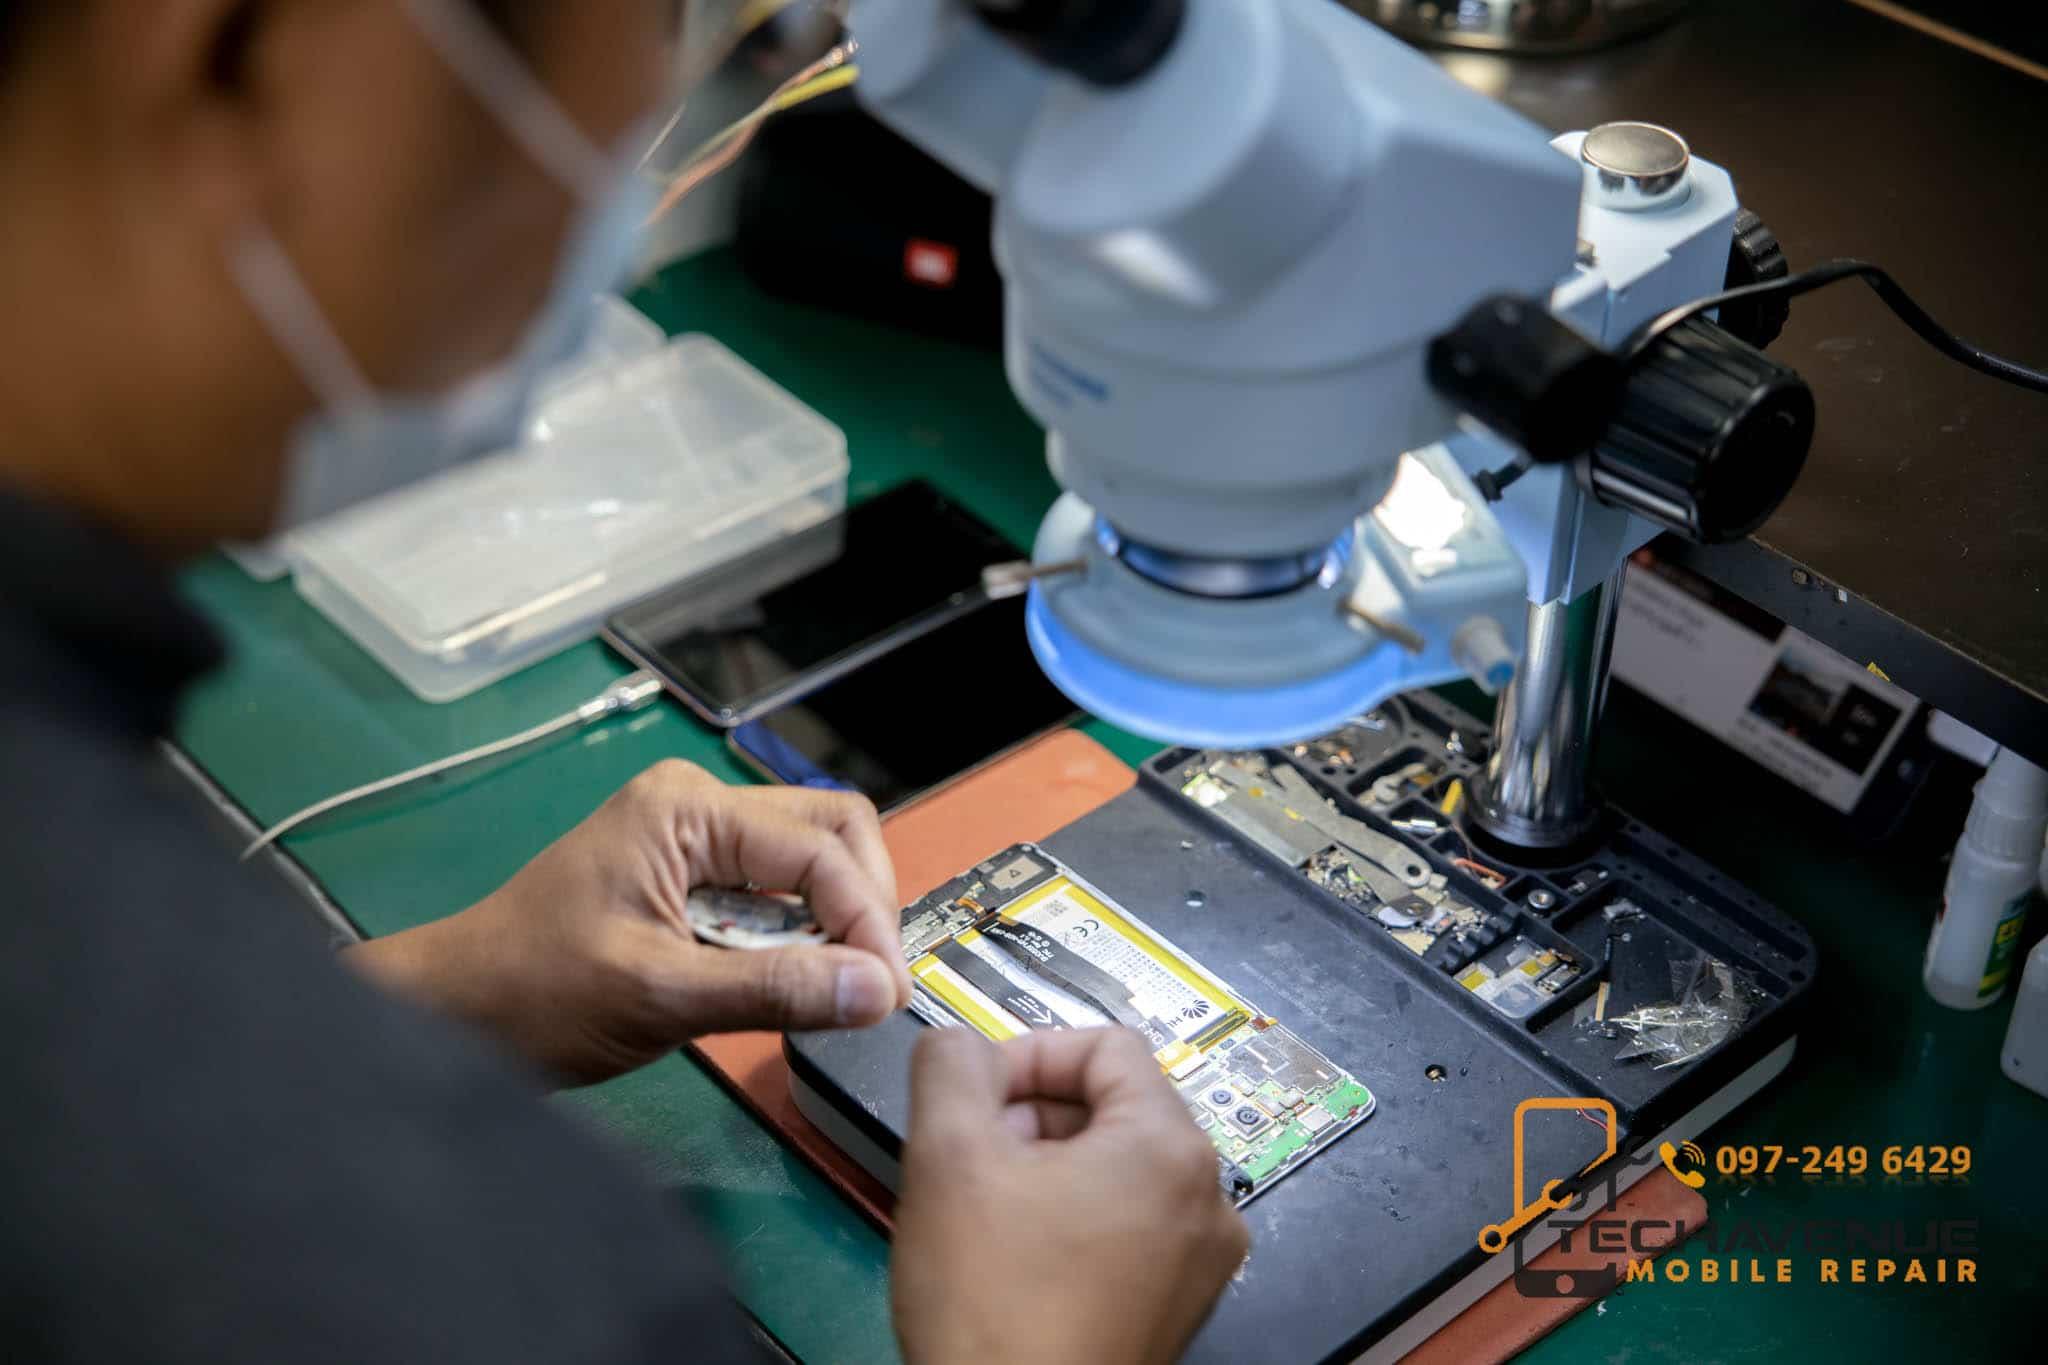 โทรศัพท์ยี่ห้อ ASUS (เอซุส) มีอาการเสียอย่างไรบ้าง ซ่อมร้านไหนดี มั่นใจว่าซ่อมดีแน่นอน